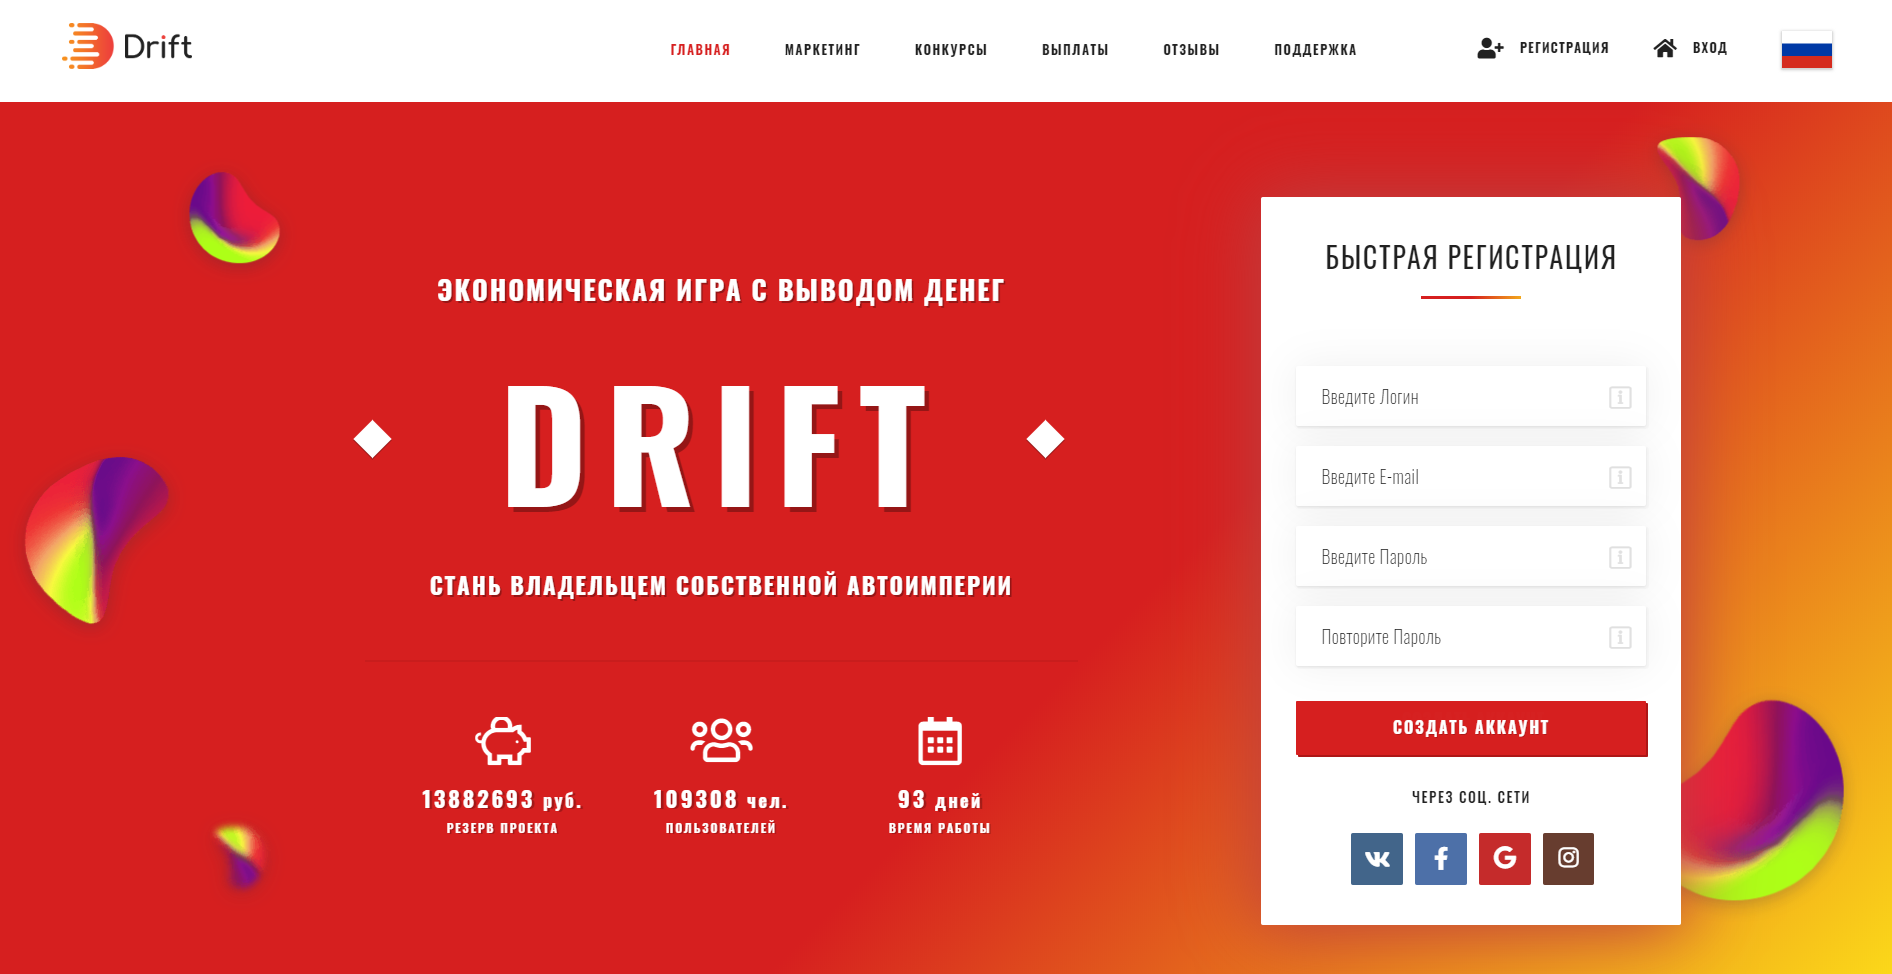 Drift - Drift.biz